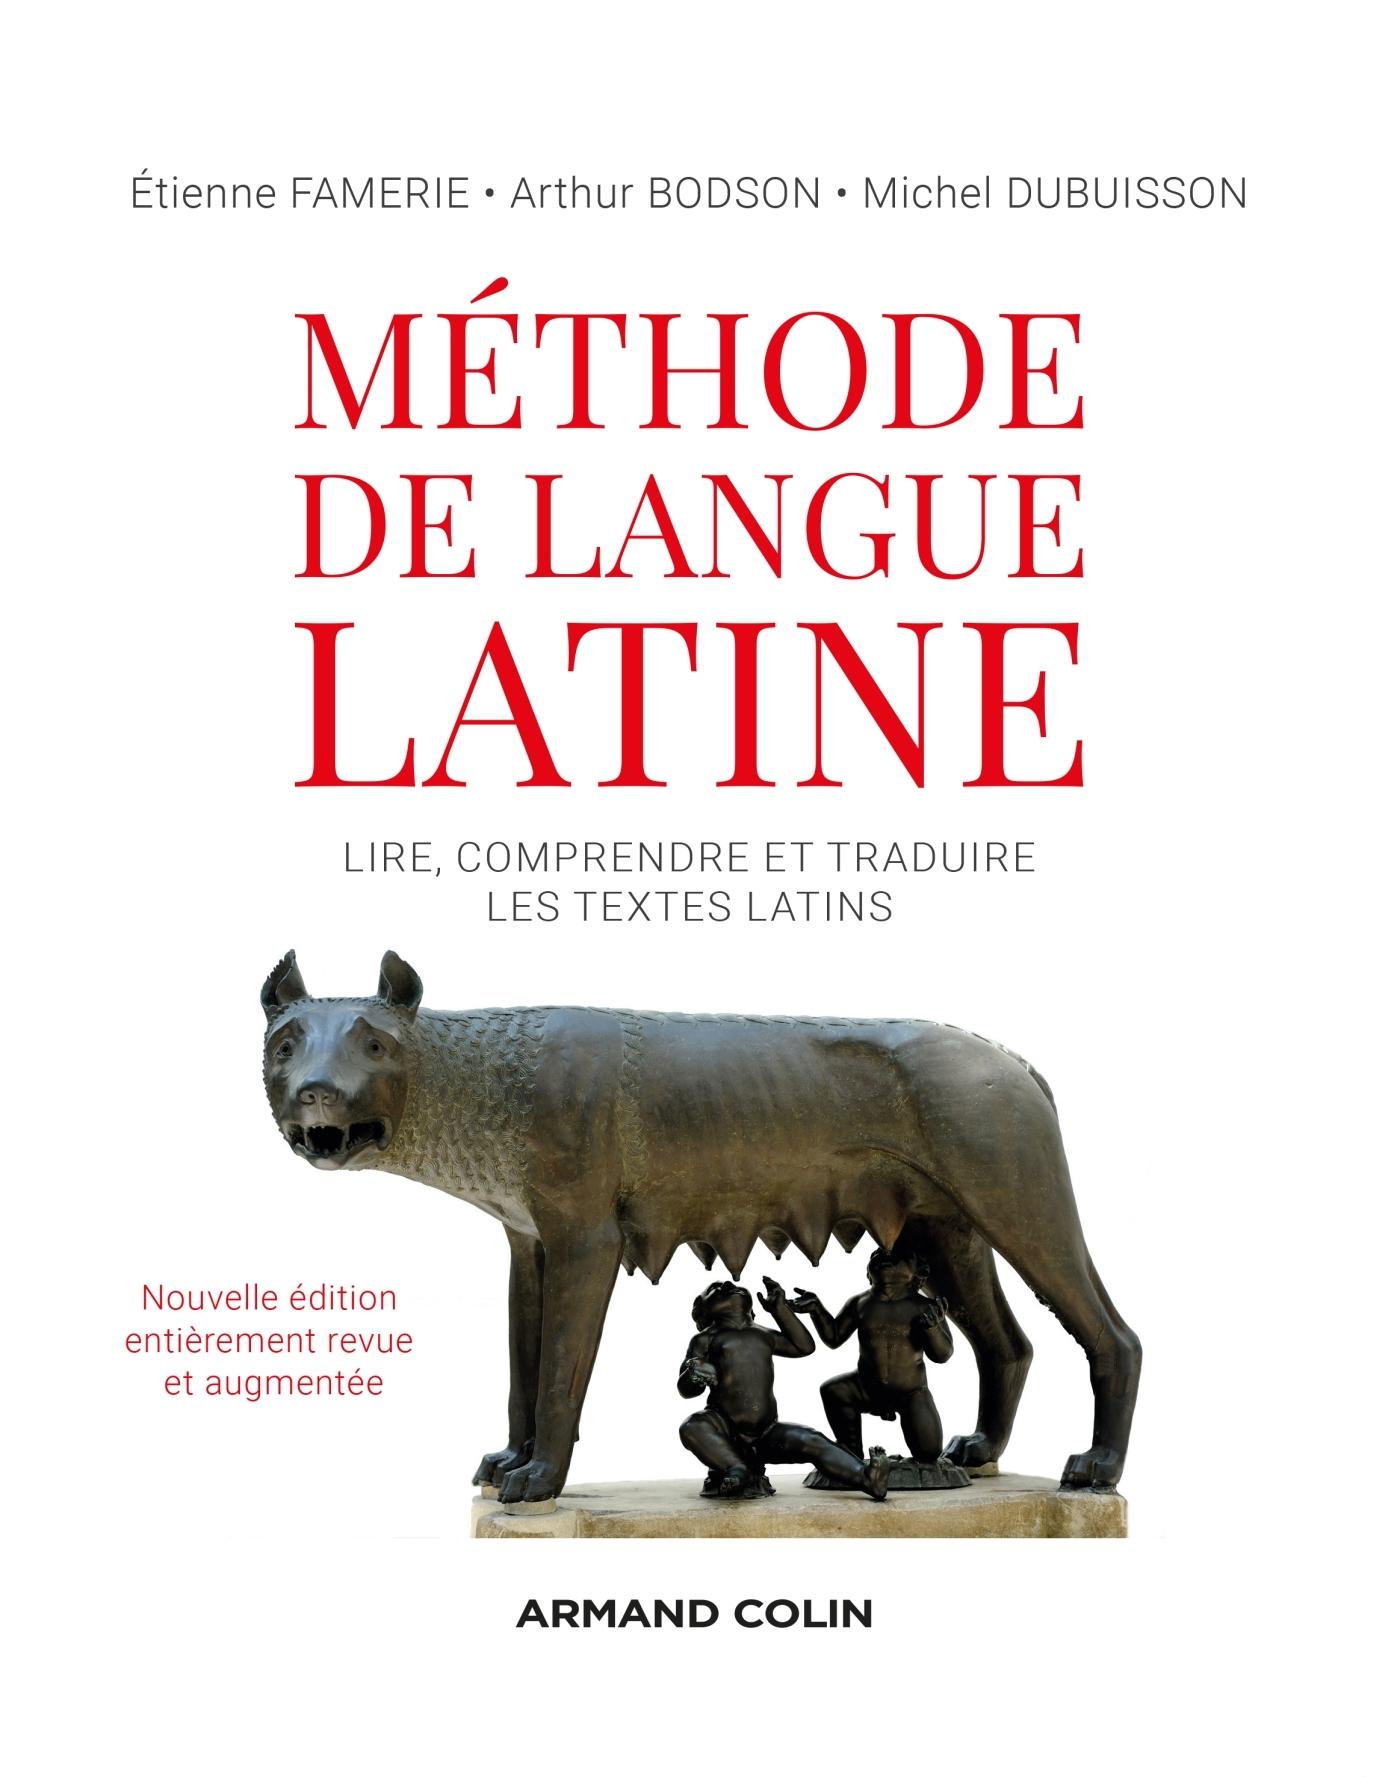 METHODE DE LANGUE LATINE - 2E ED. - LIRE, COMPRENDRE ET TRADUIRE LES TEXTES LATINS